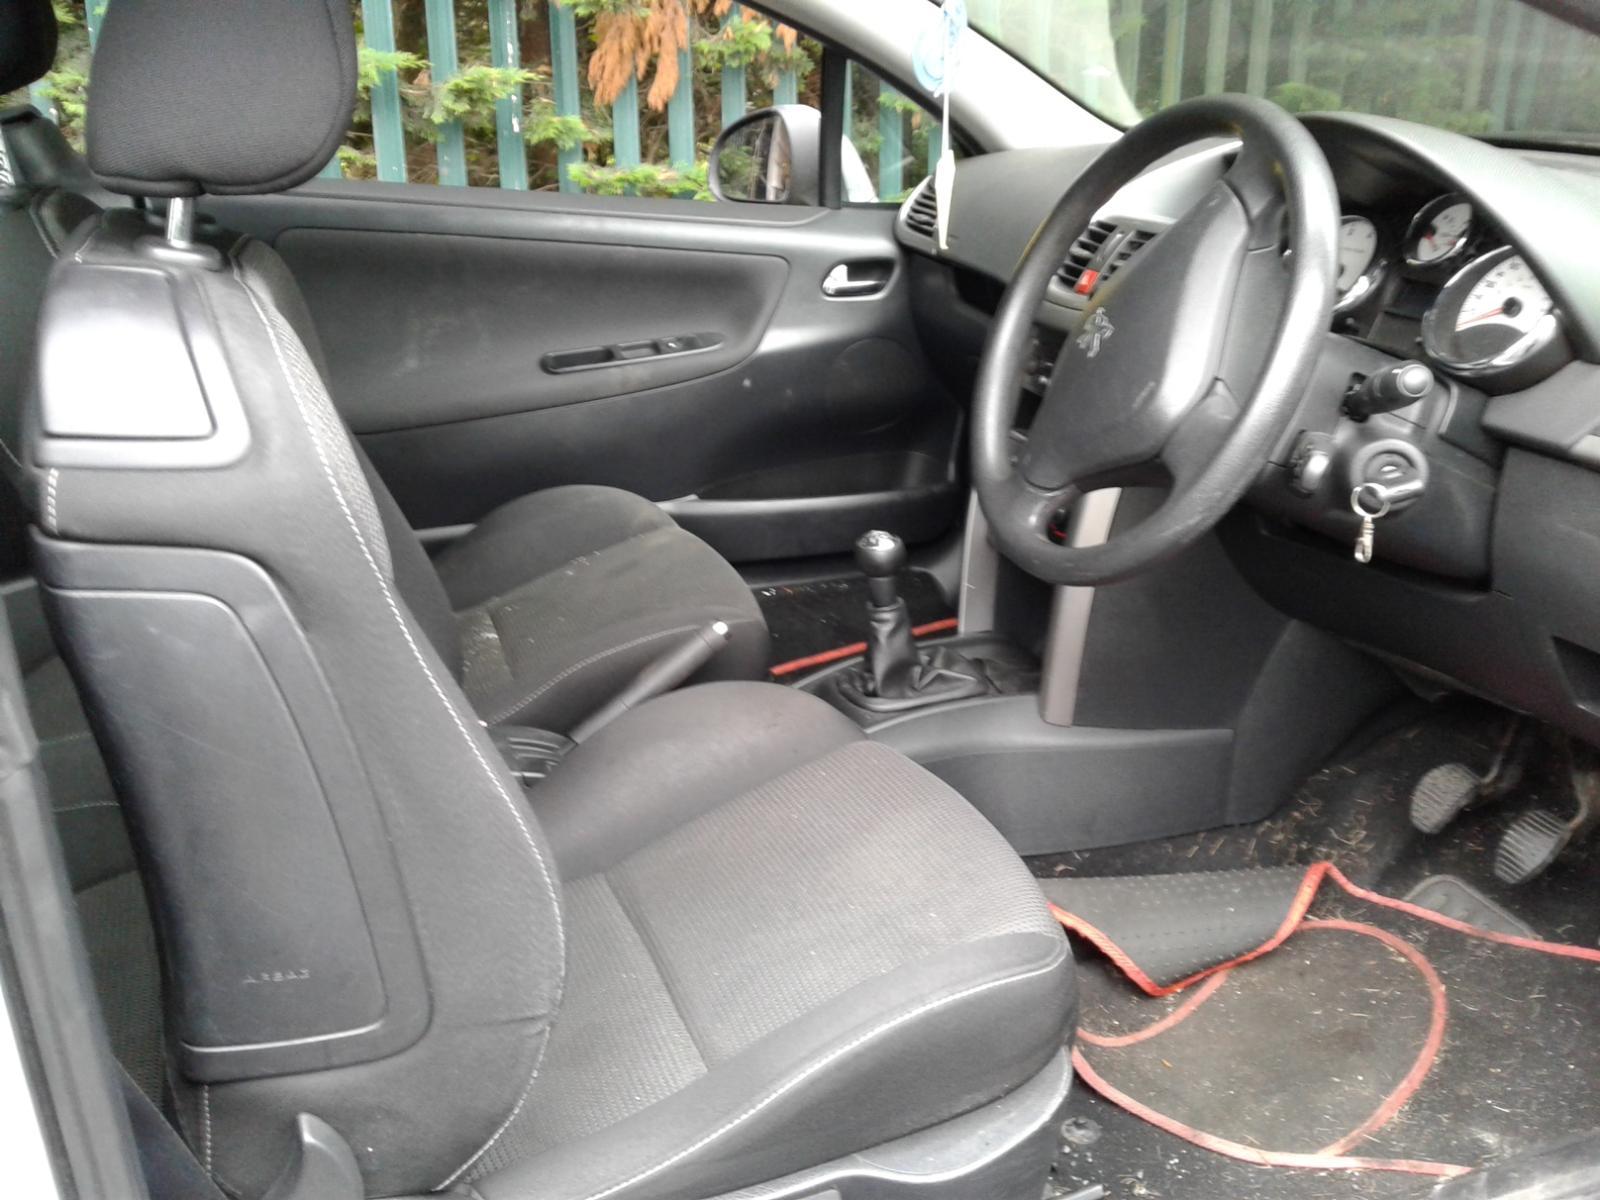 View Auto part PEUGEOT 207 2010 2 Door Unknown